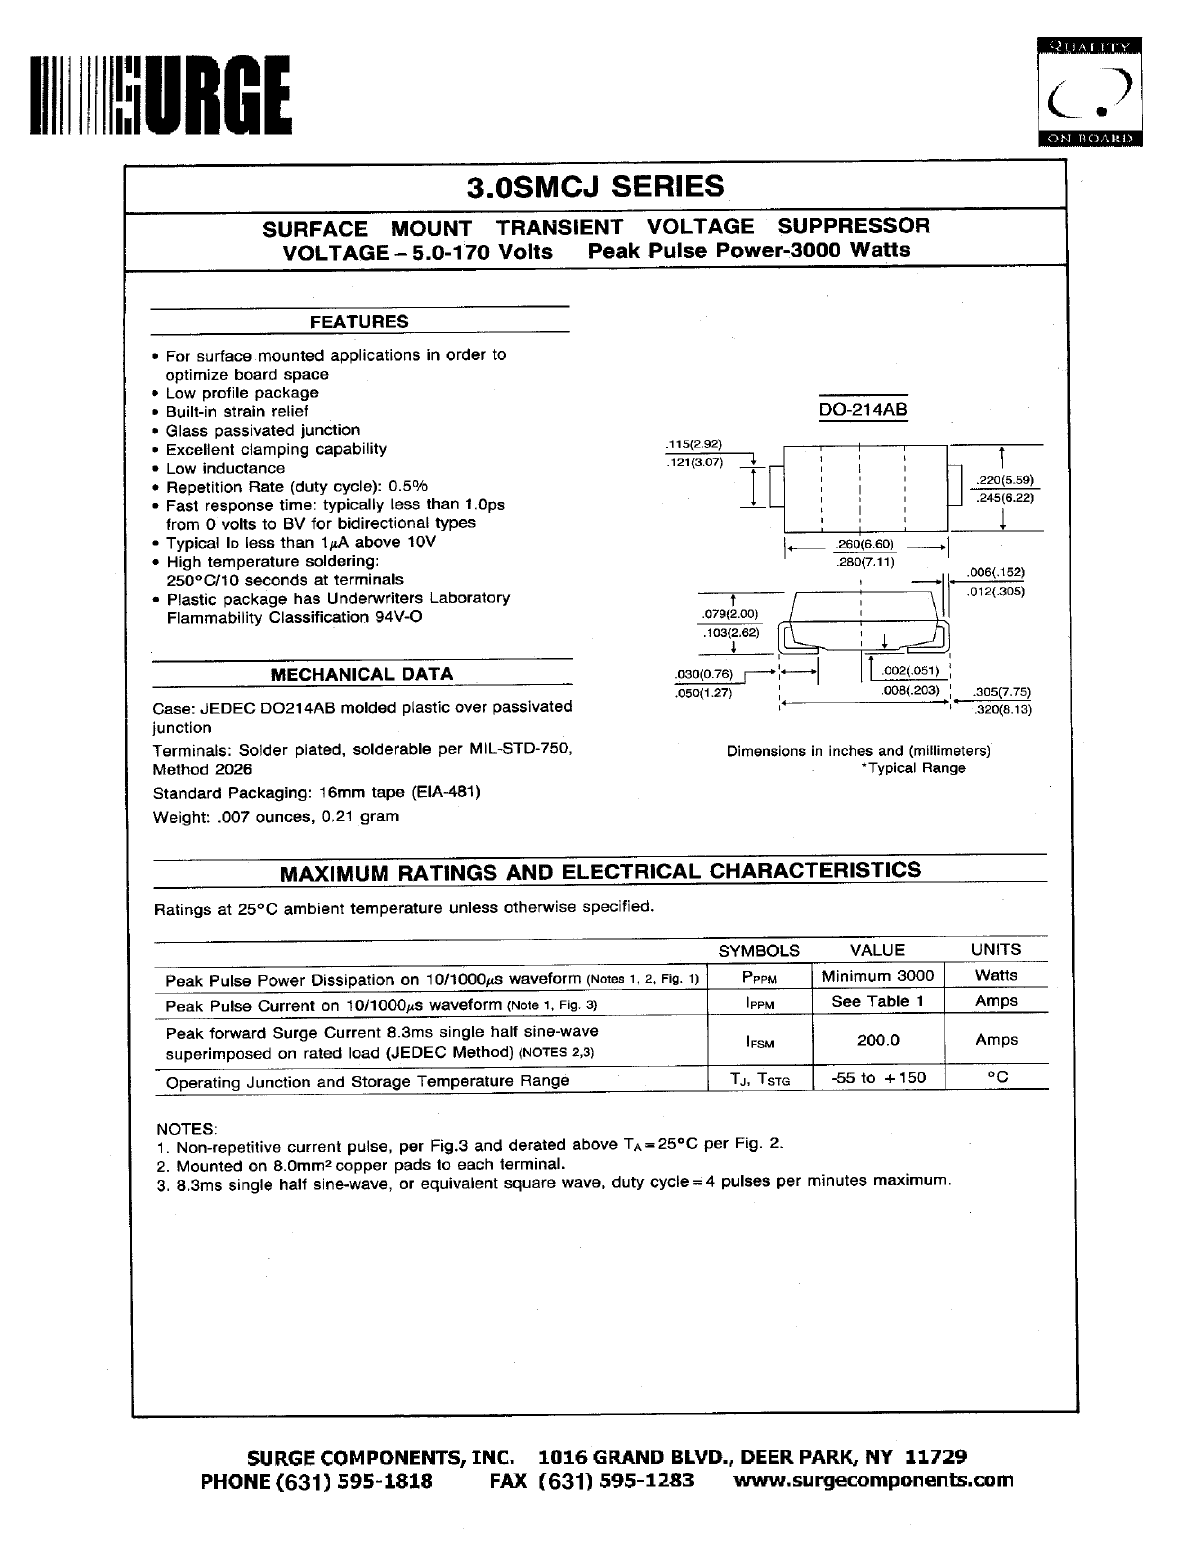 3.0SMCJ100A دیتاشیت PDF